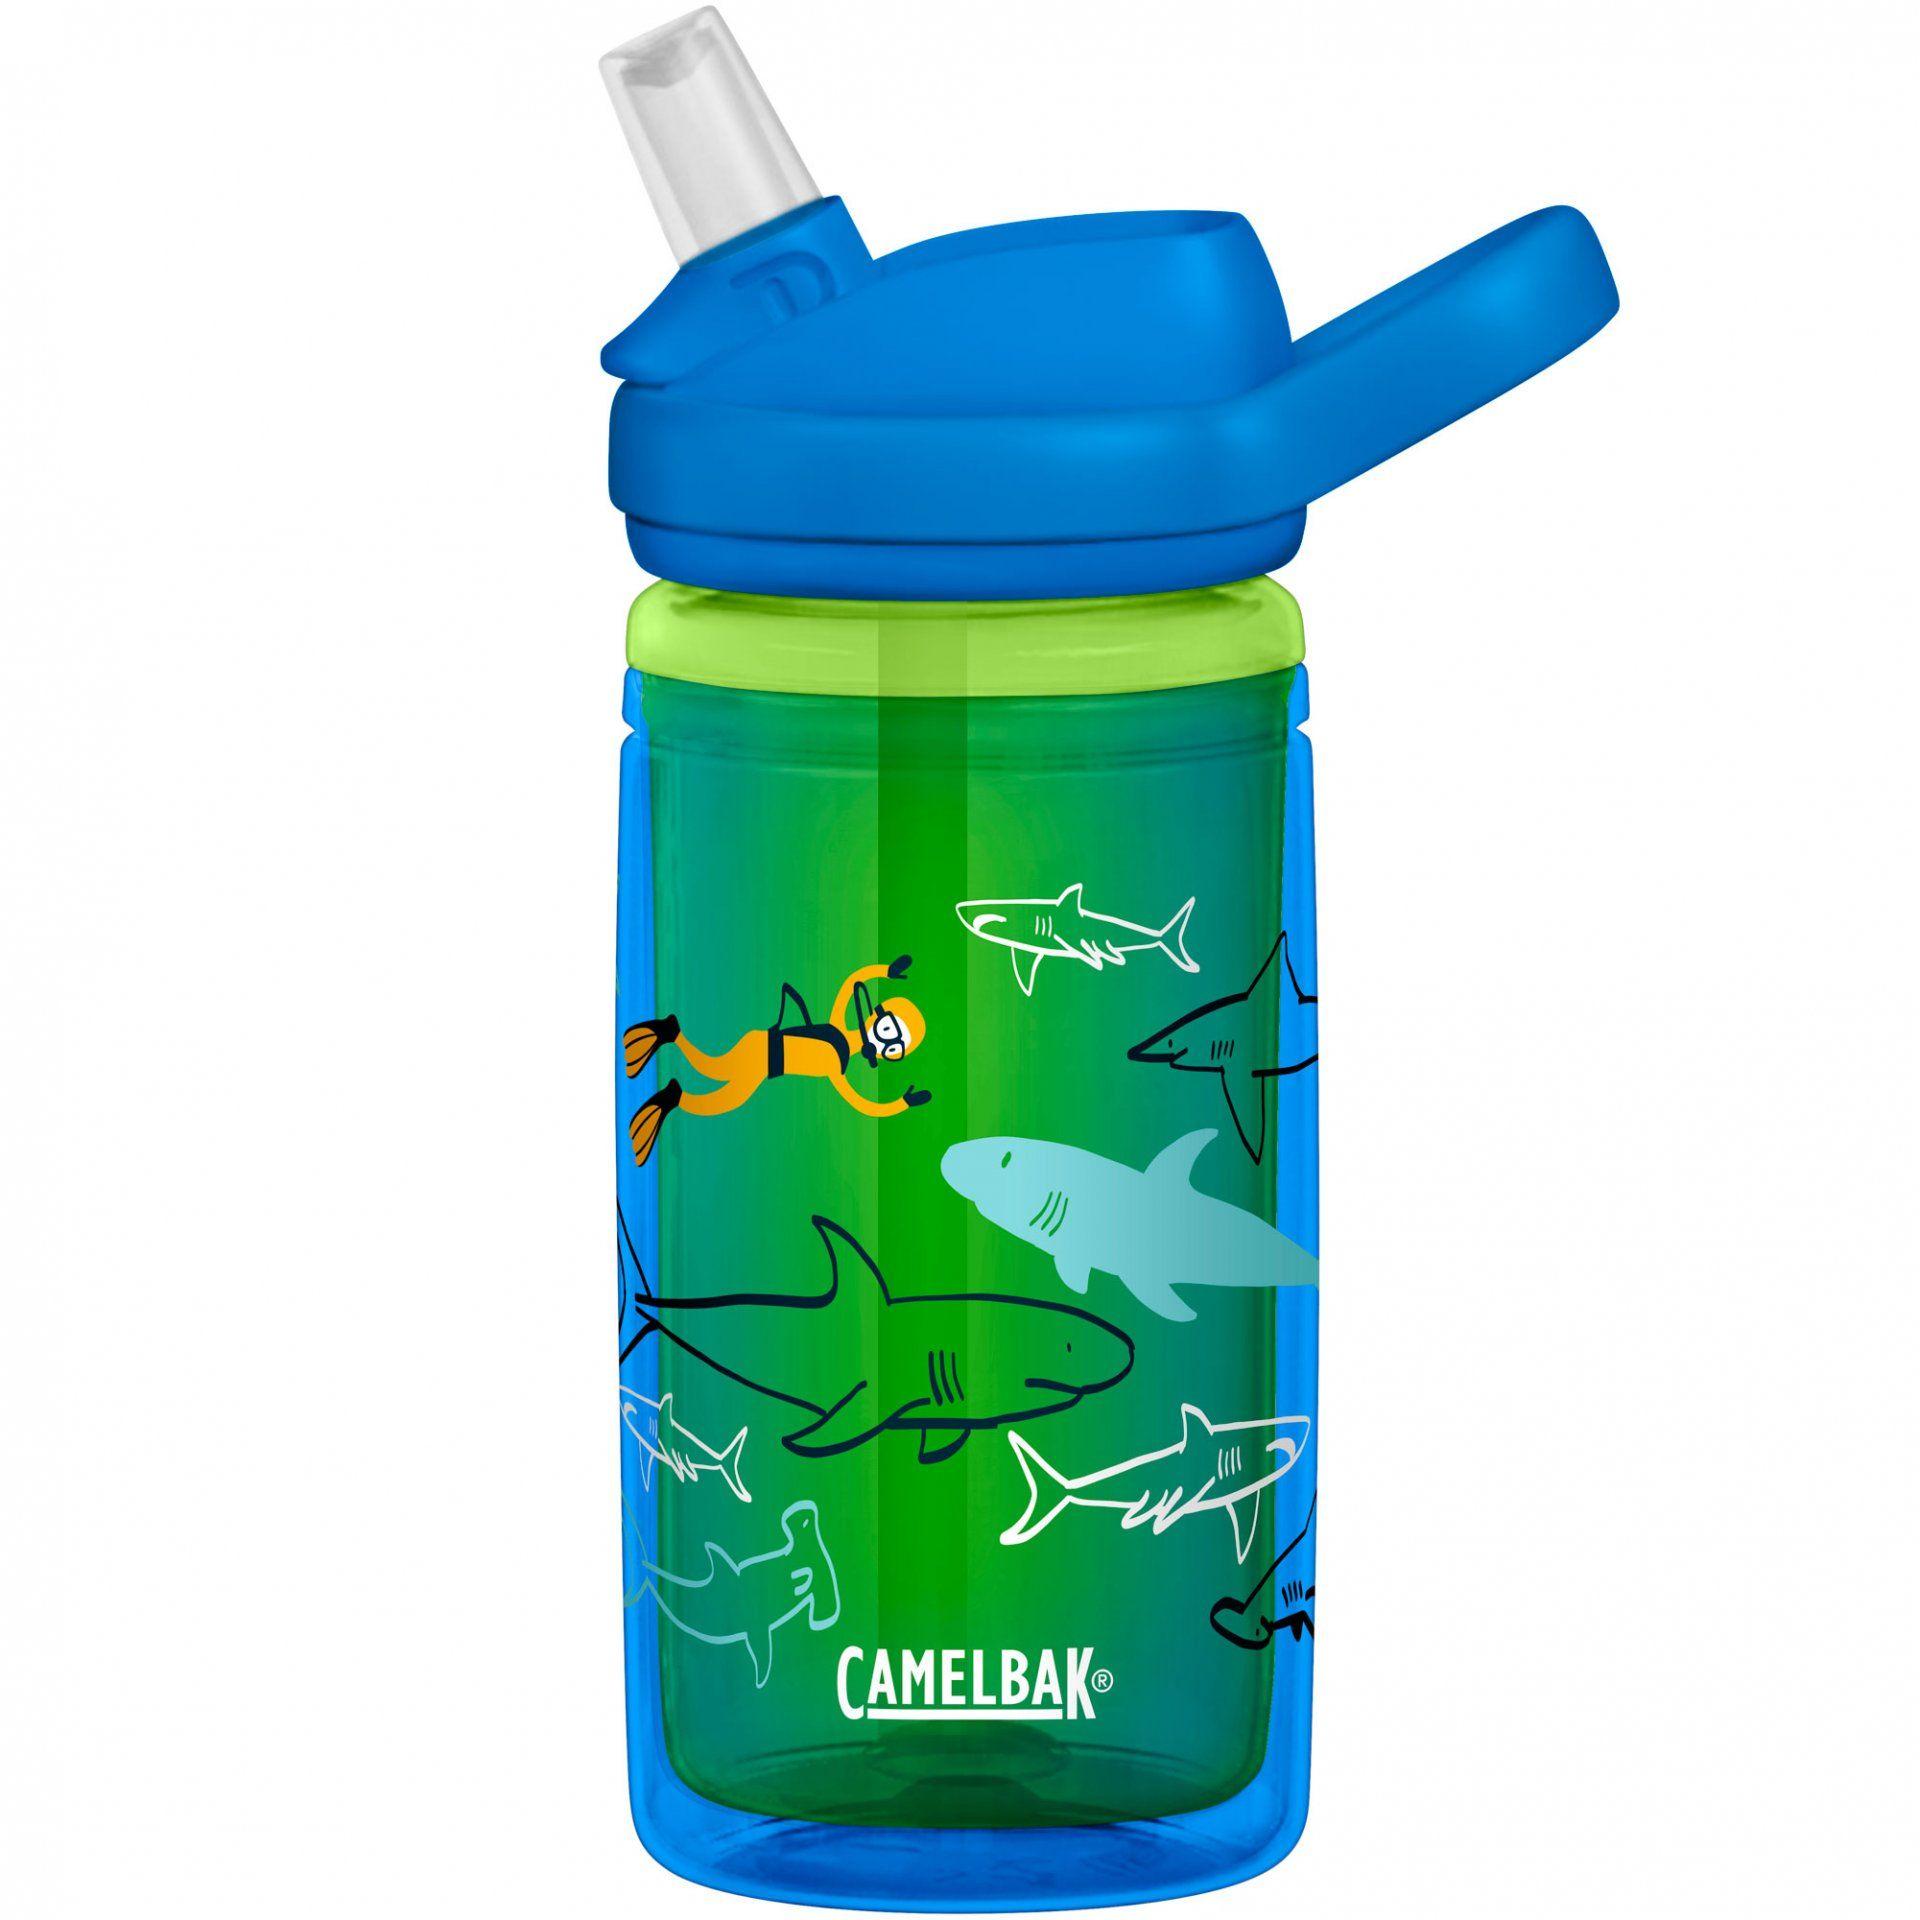 BUTELKA CAMELBAK EDDY+ KIDS INSULATED SCUBA SHARKS BLUE GREEN 1